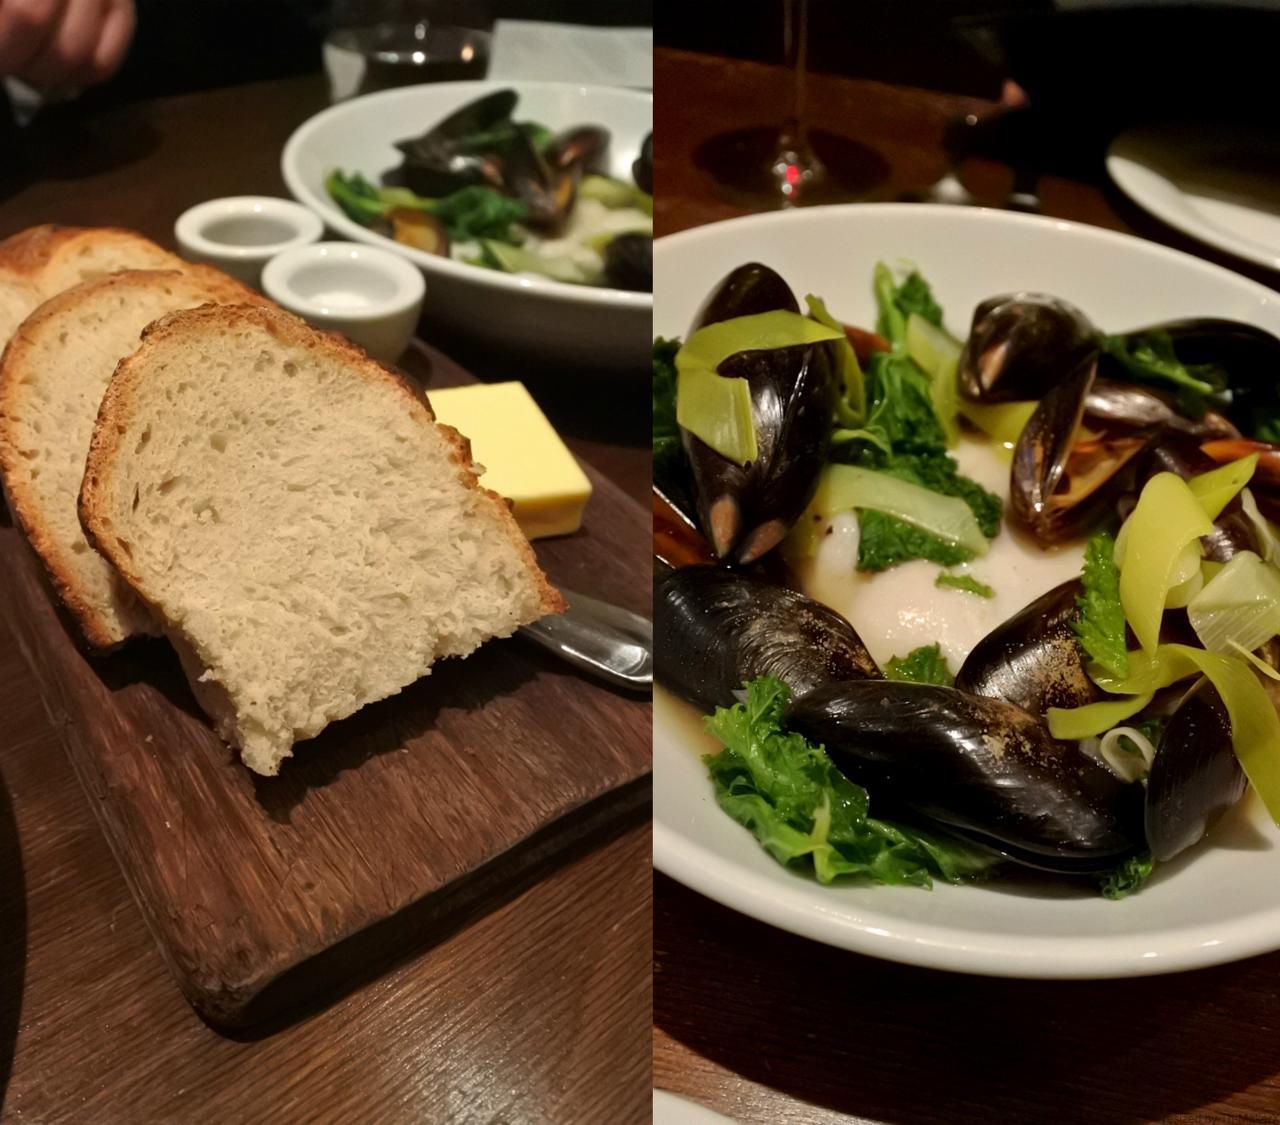 タラとムール貝。この日のハイライトにしたかったのだけど、タラが少し塩辛かった。もう少し塩抜きしてもよかったのかも。でも魚介のブロスは美味しく、料理アイデアとして秀逸でした。